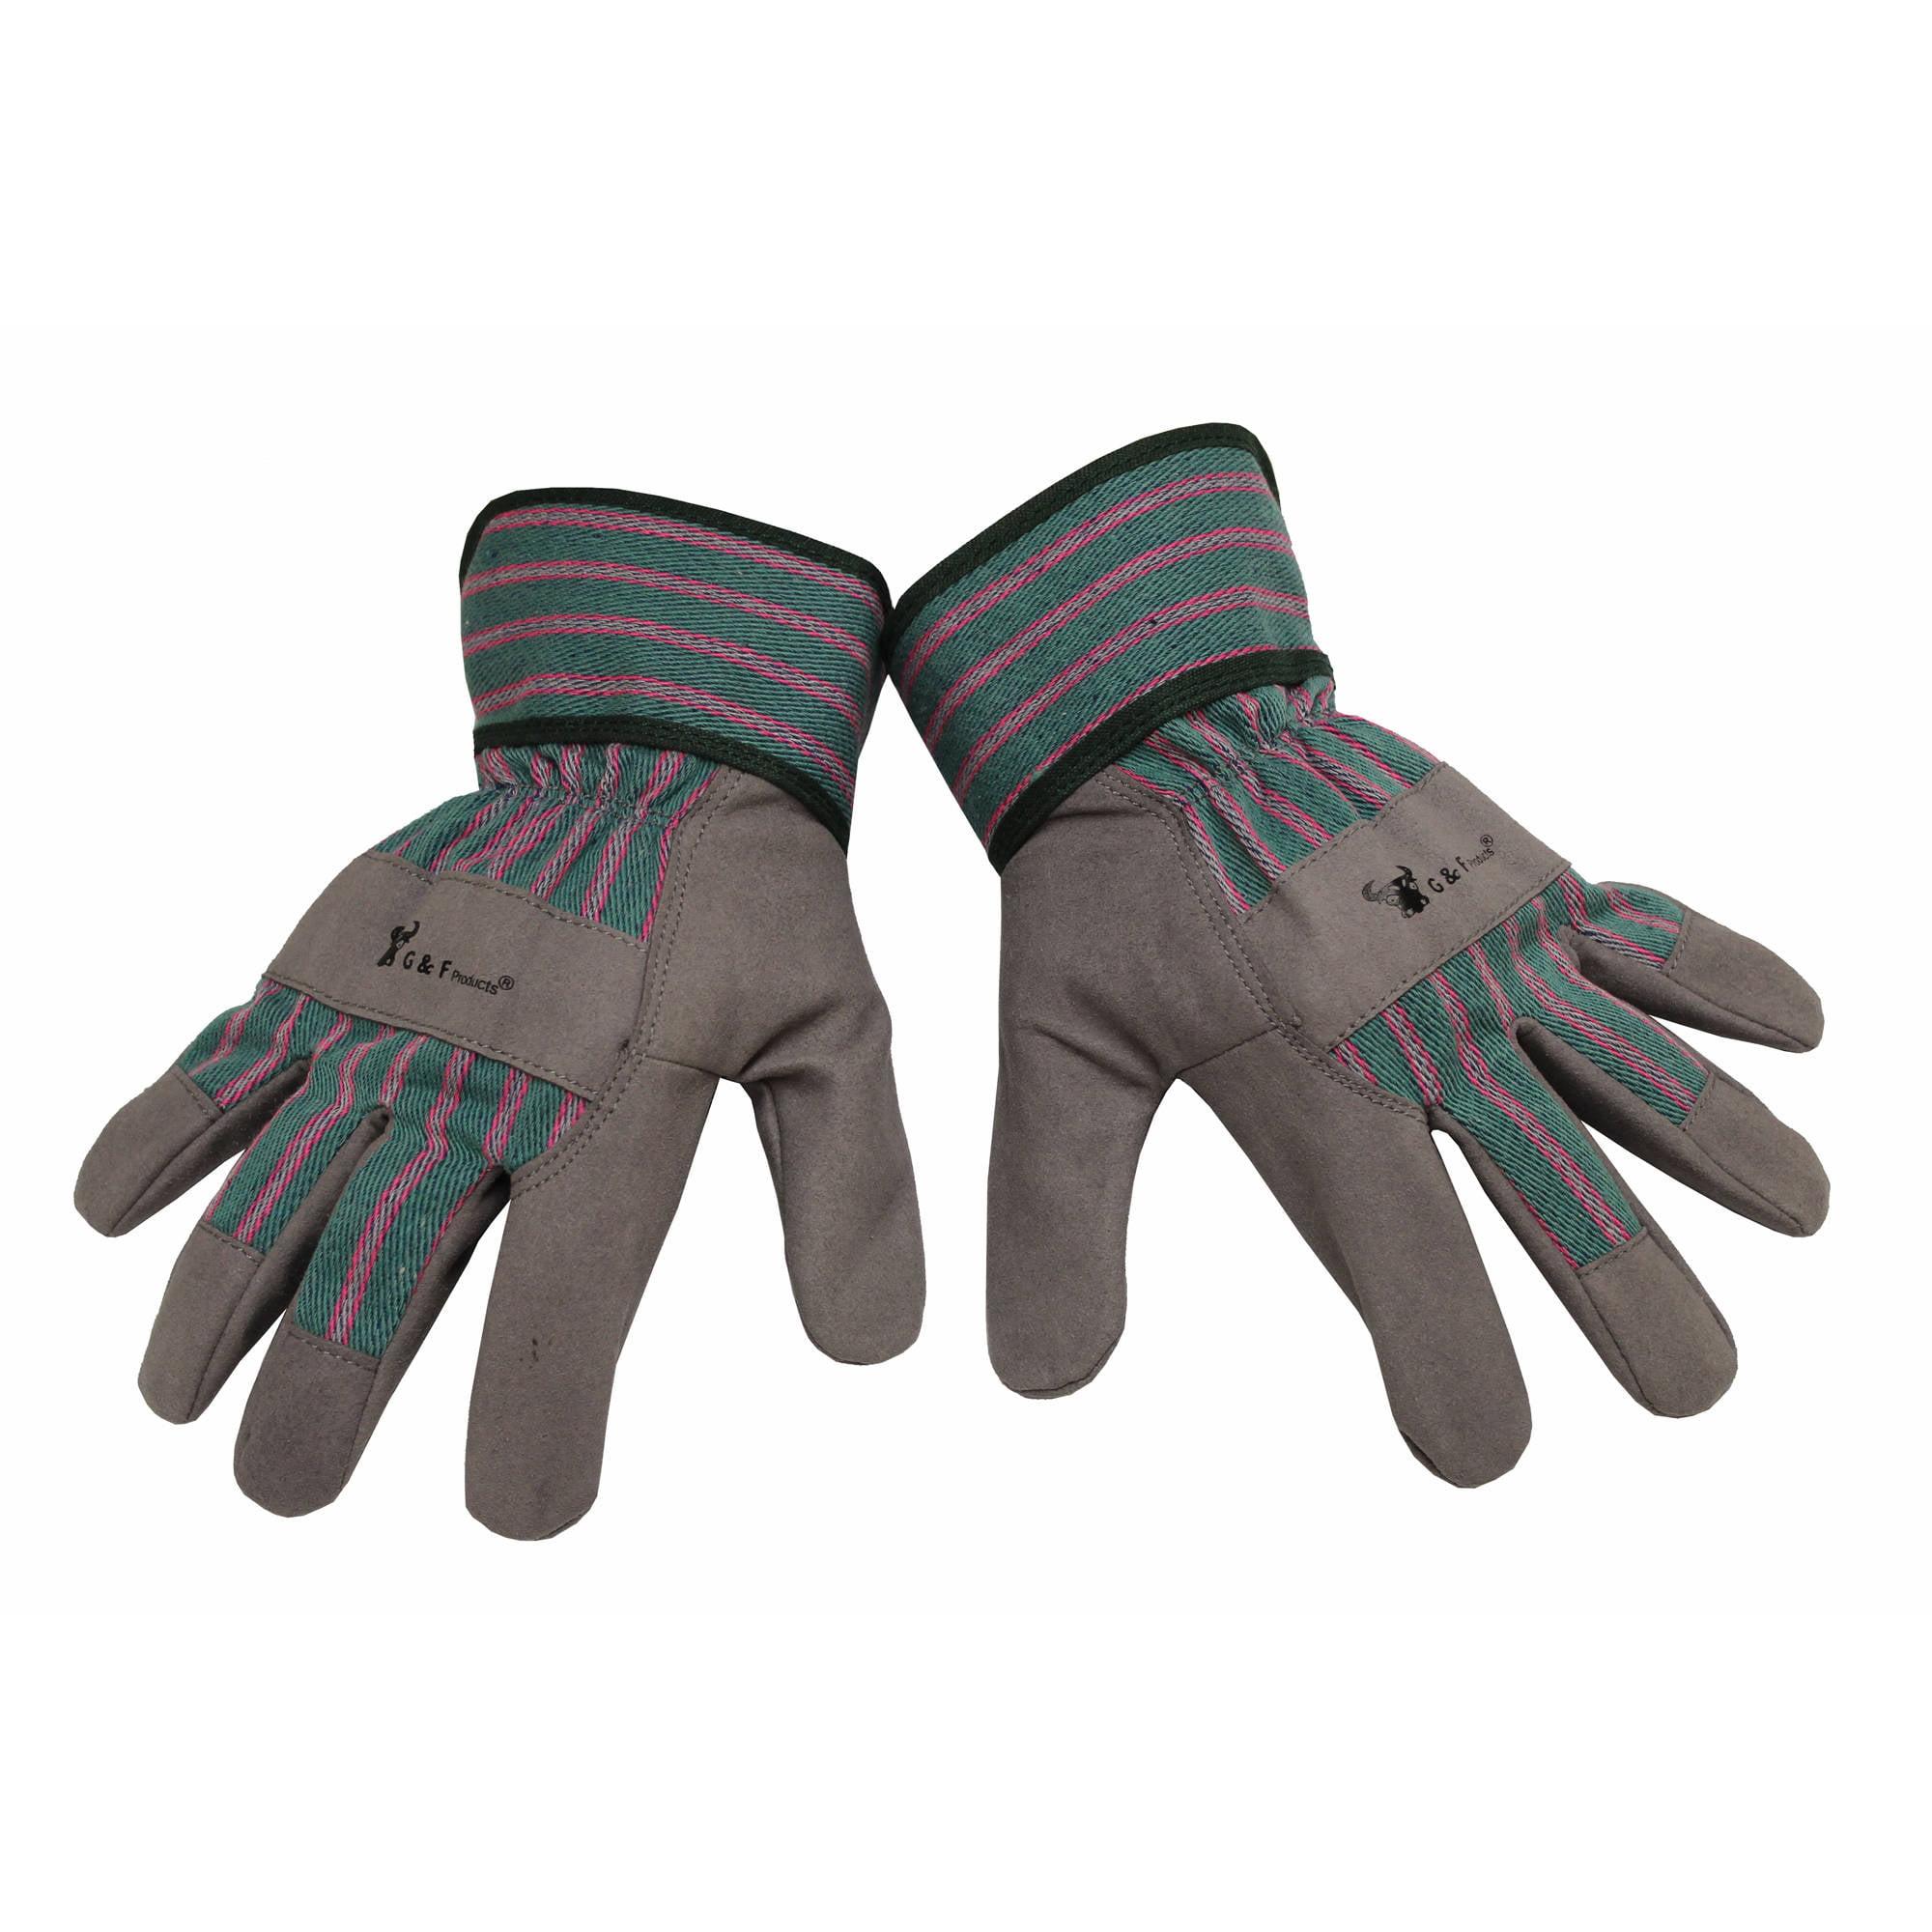 G & F Children's Work Gloves, Gray